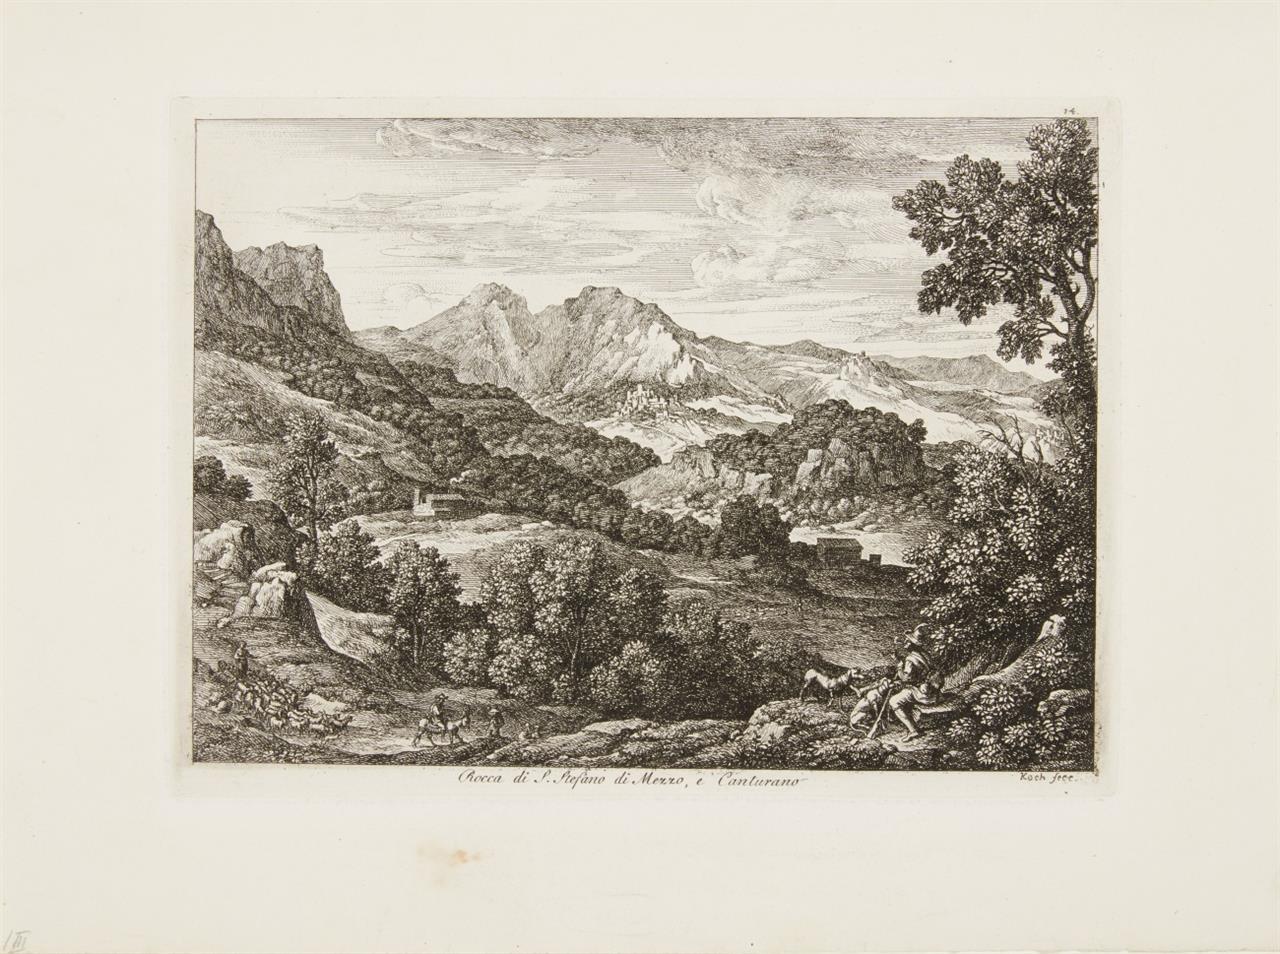 Joseph Anton Koch. Rocca di S. Stefano die Mezzo, et Canturano. Radierung. A. 14 III.